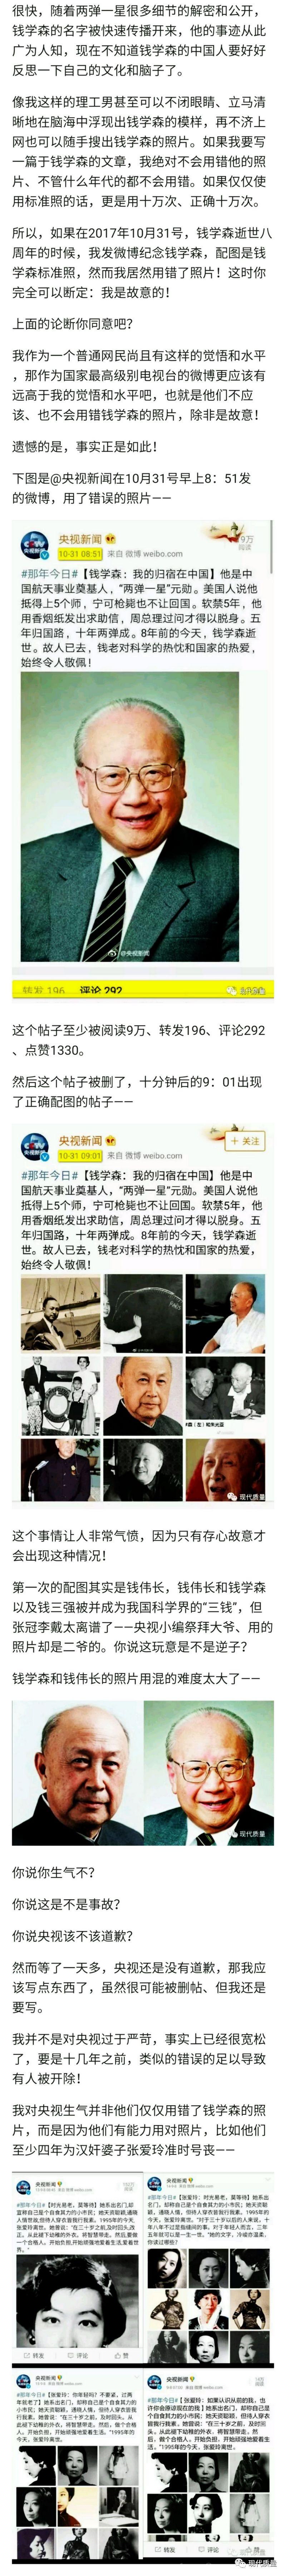 中国票房最高的明星, 比成龙还高1.6亿, 座驾至少百万